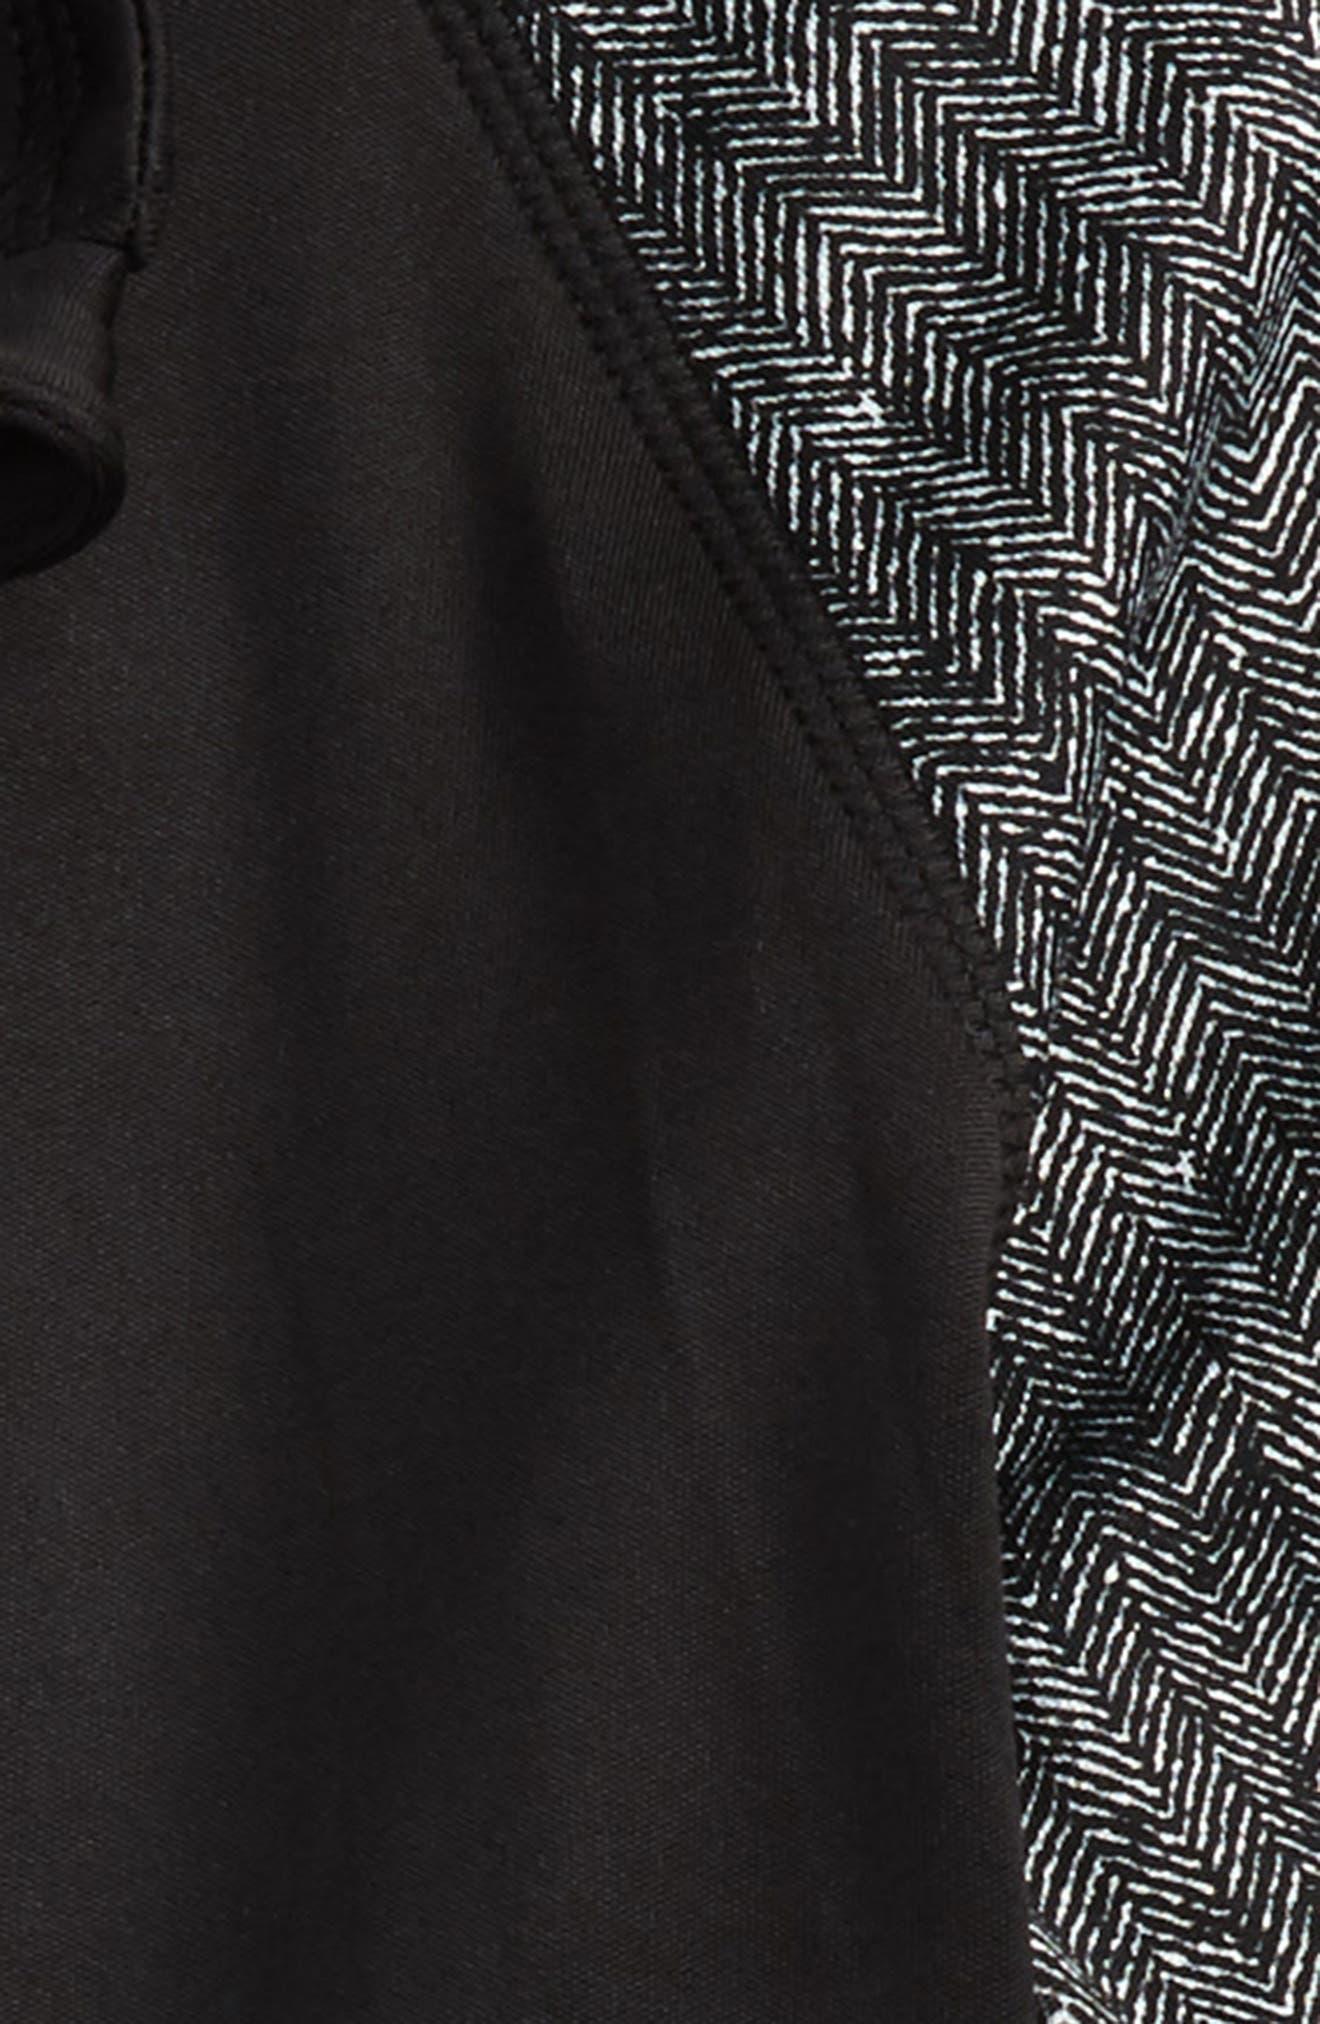 Flex Tech Quarter Zip Pullover,                             Alternate thumbnail 2, color,                             001